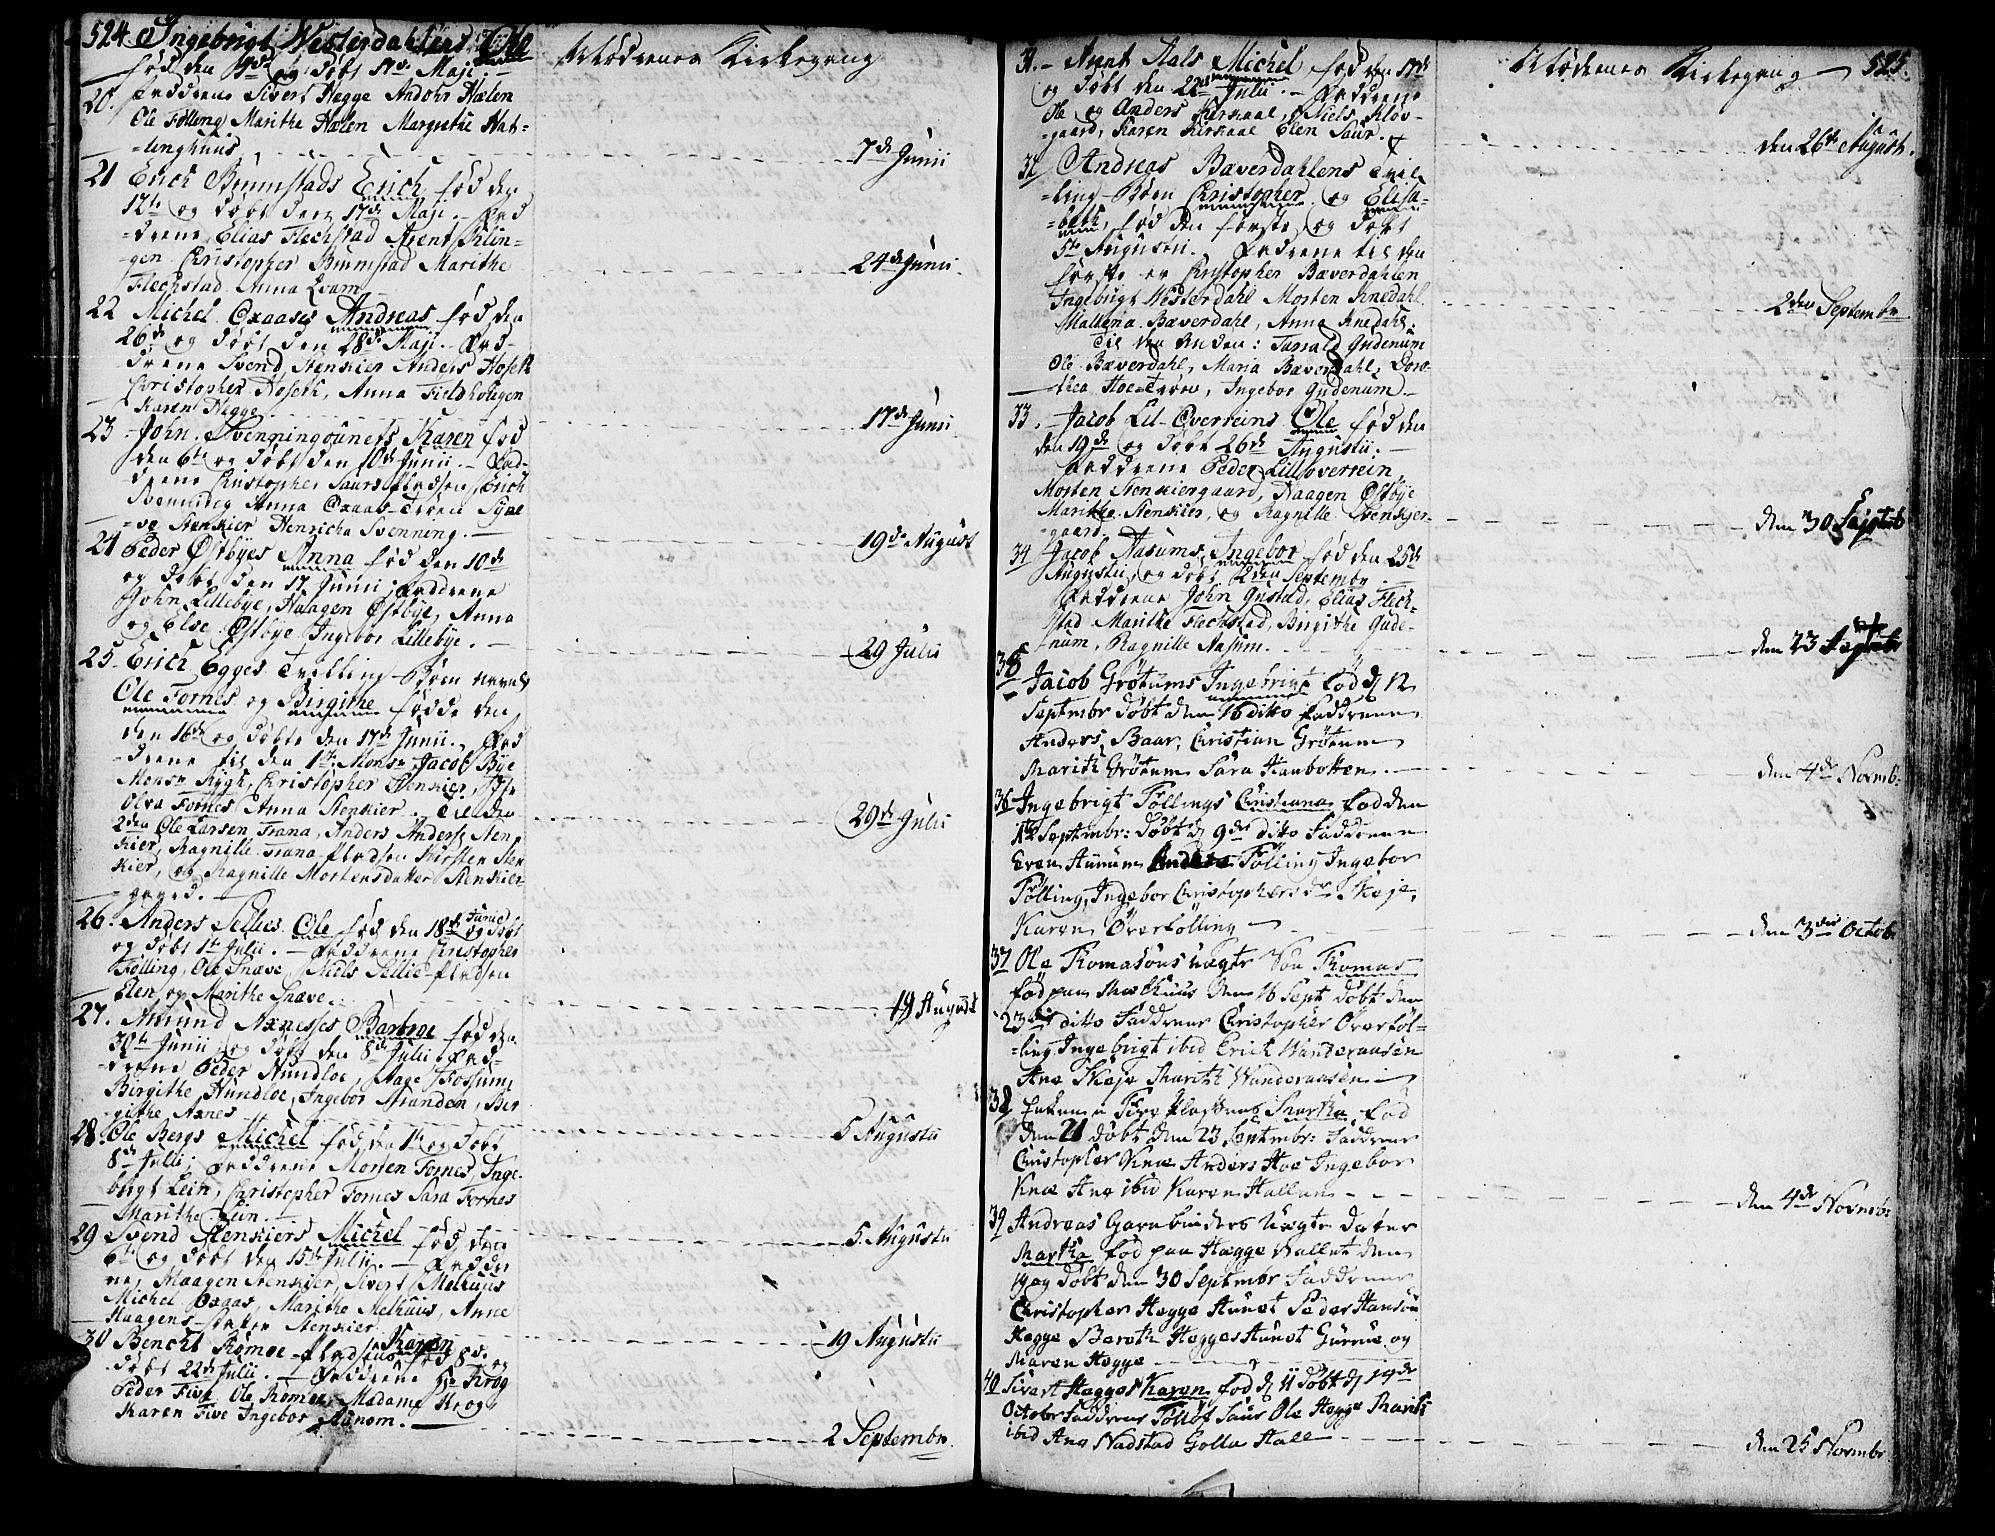 SAT, Ministerialprotokoller, klokkerbøker og fødselsregistre - Nord-Trøndelag, 746/L0440: Ministerialbok nr. 746A02, 1760-1815, s. 524-525